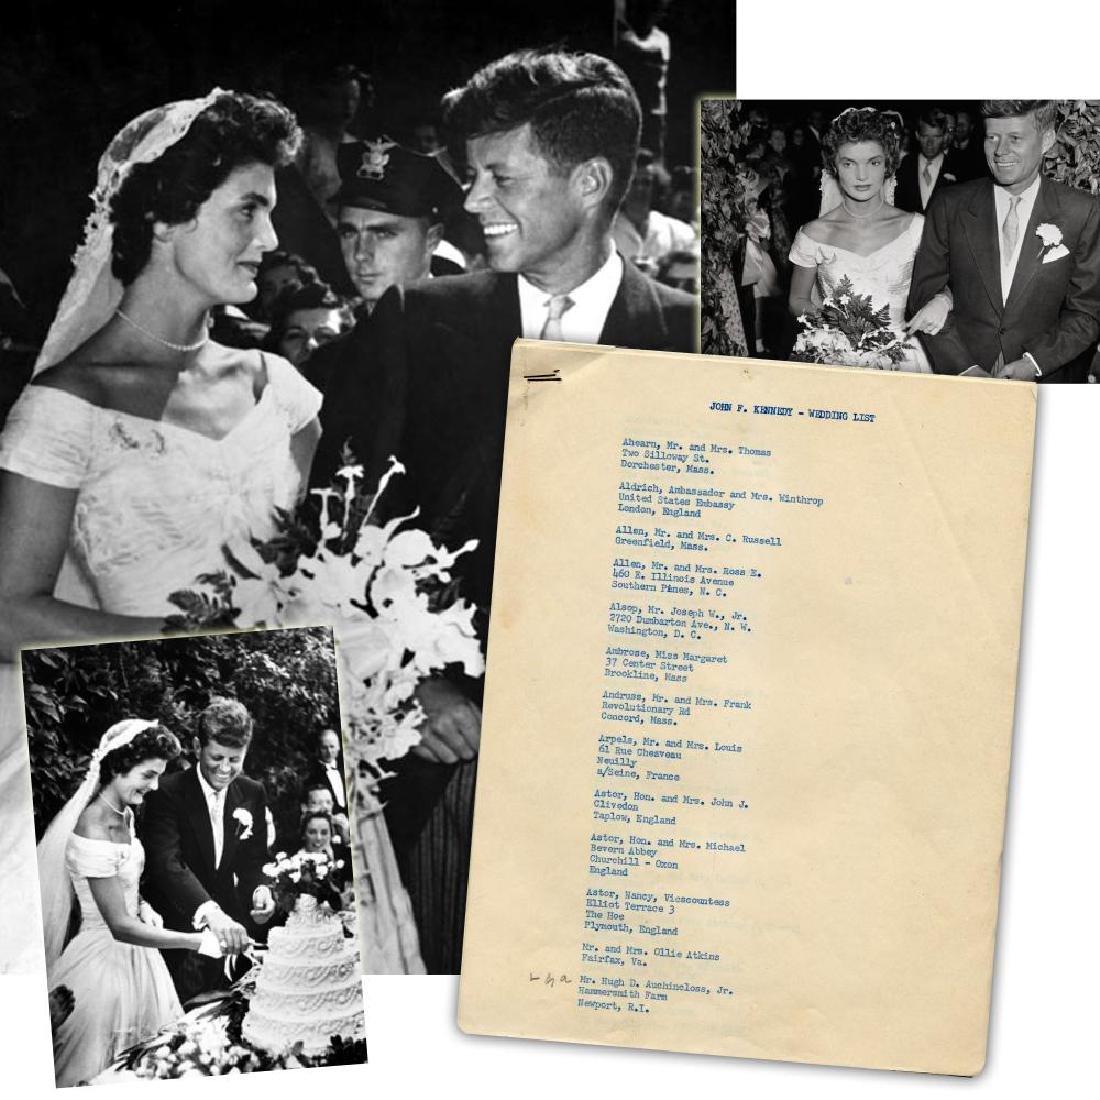 John F. & Jackie Kennedy Original Wedding Guest List